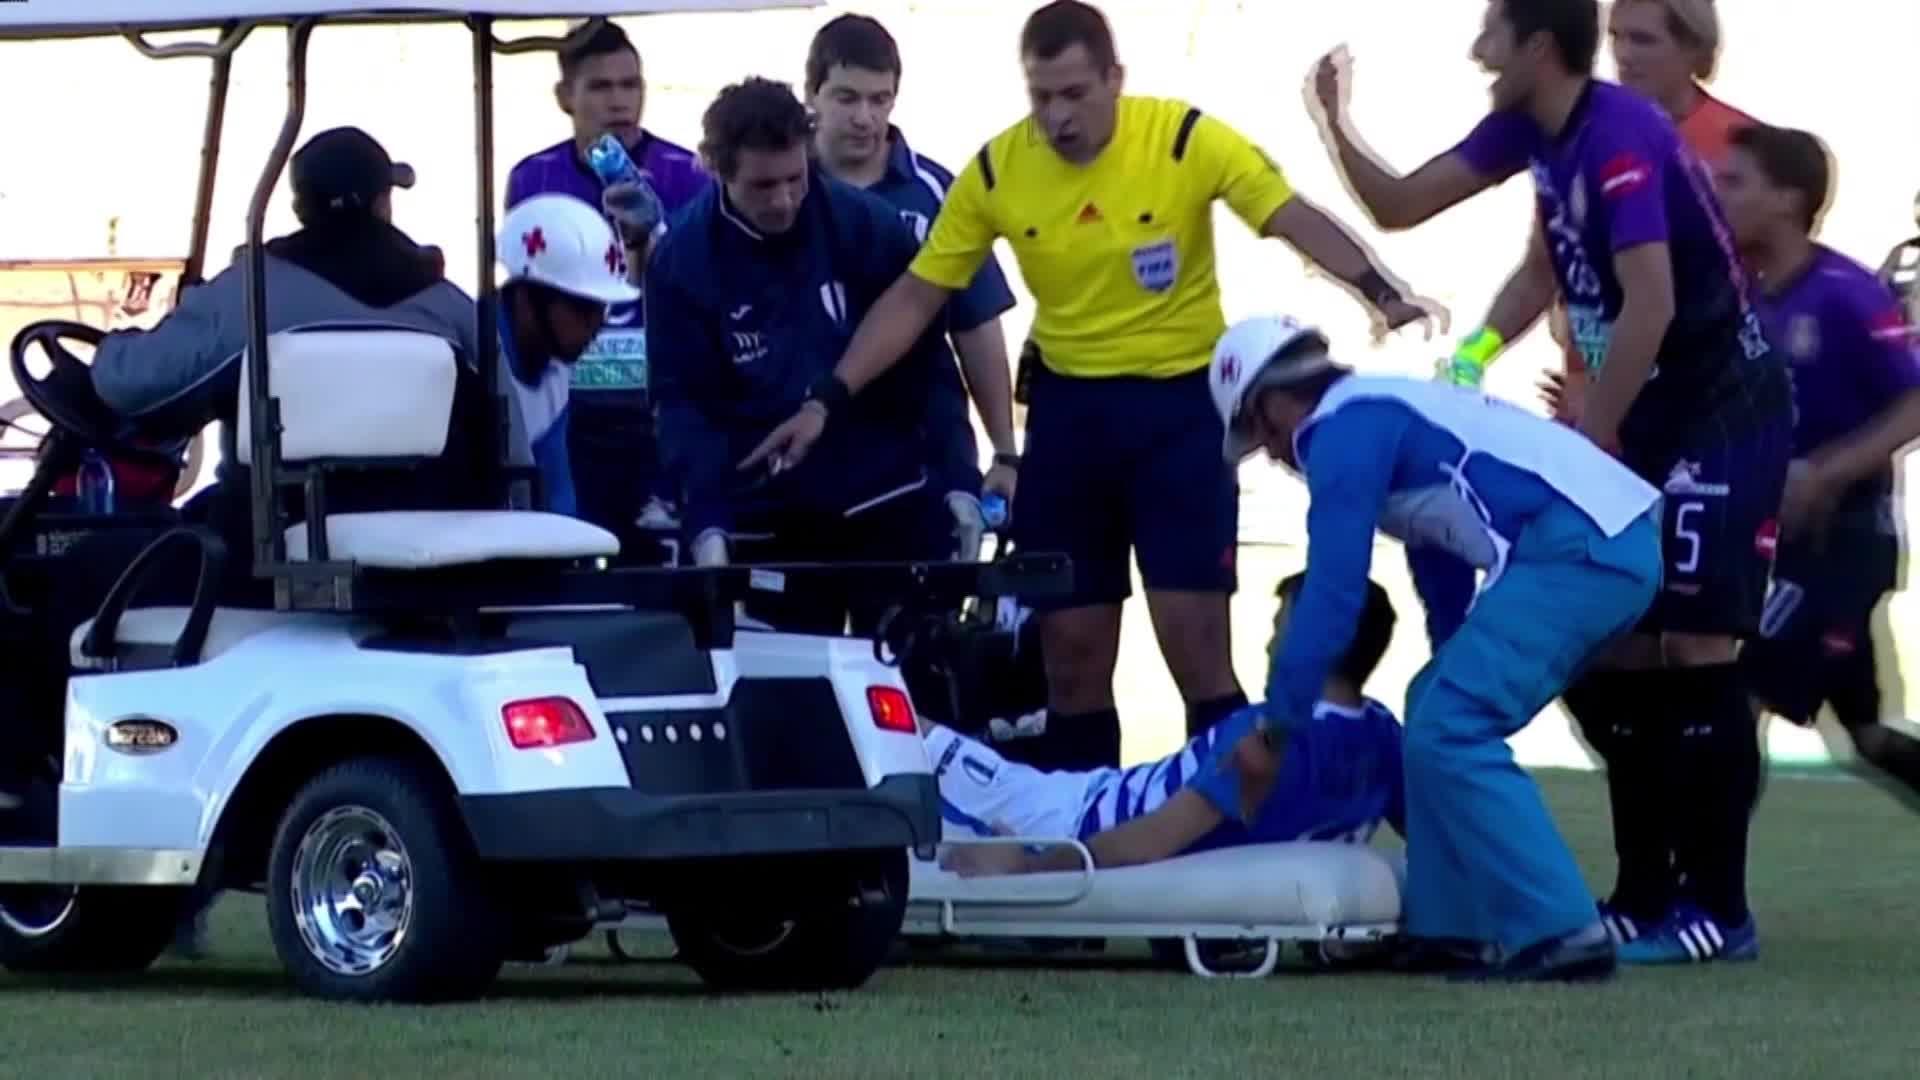 بالفيديو: لاعب يرمي نفسه عن النقالة لإضاعة المزيد من الوقت